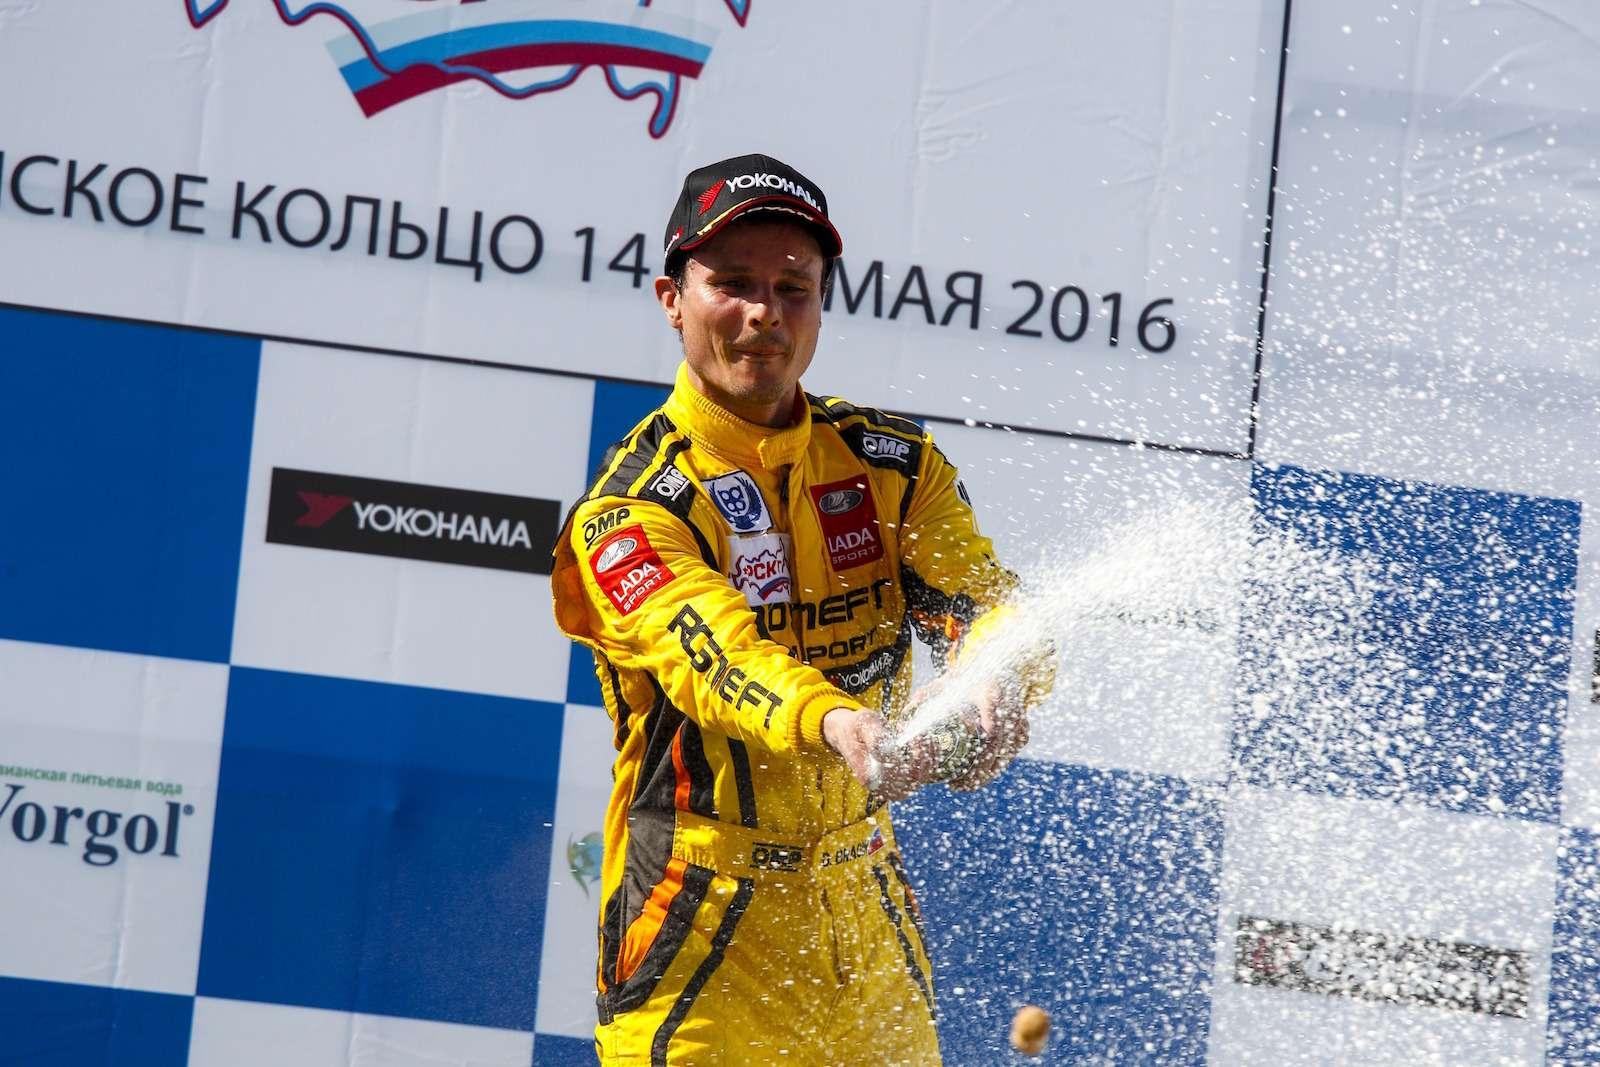 Lada против всех: есть ли уроссийской марки шансы победить вгонках?— фото 591036